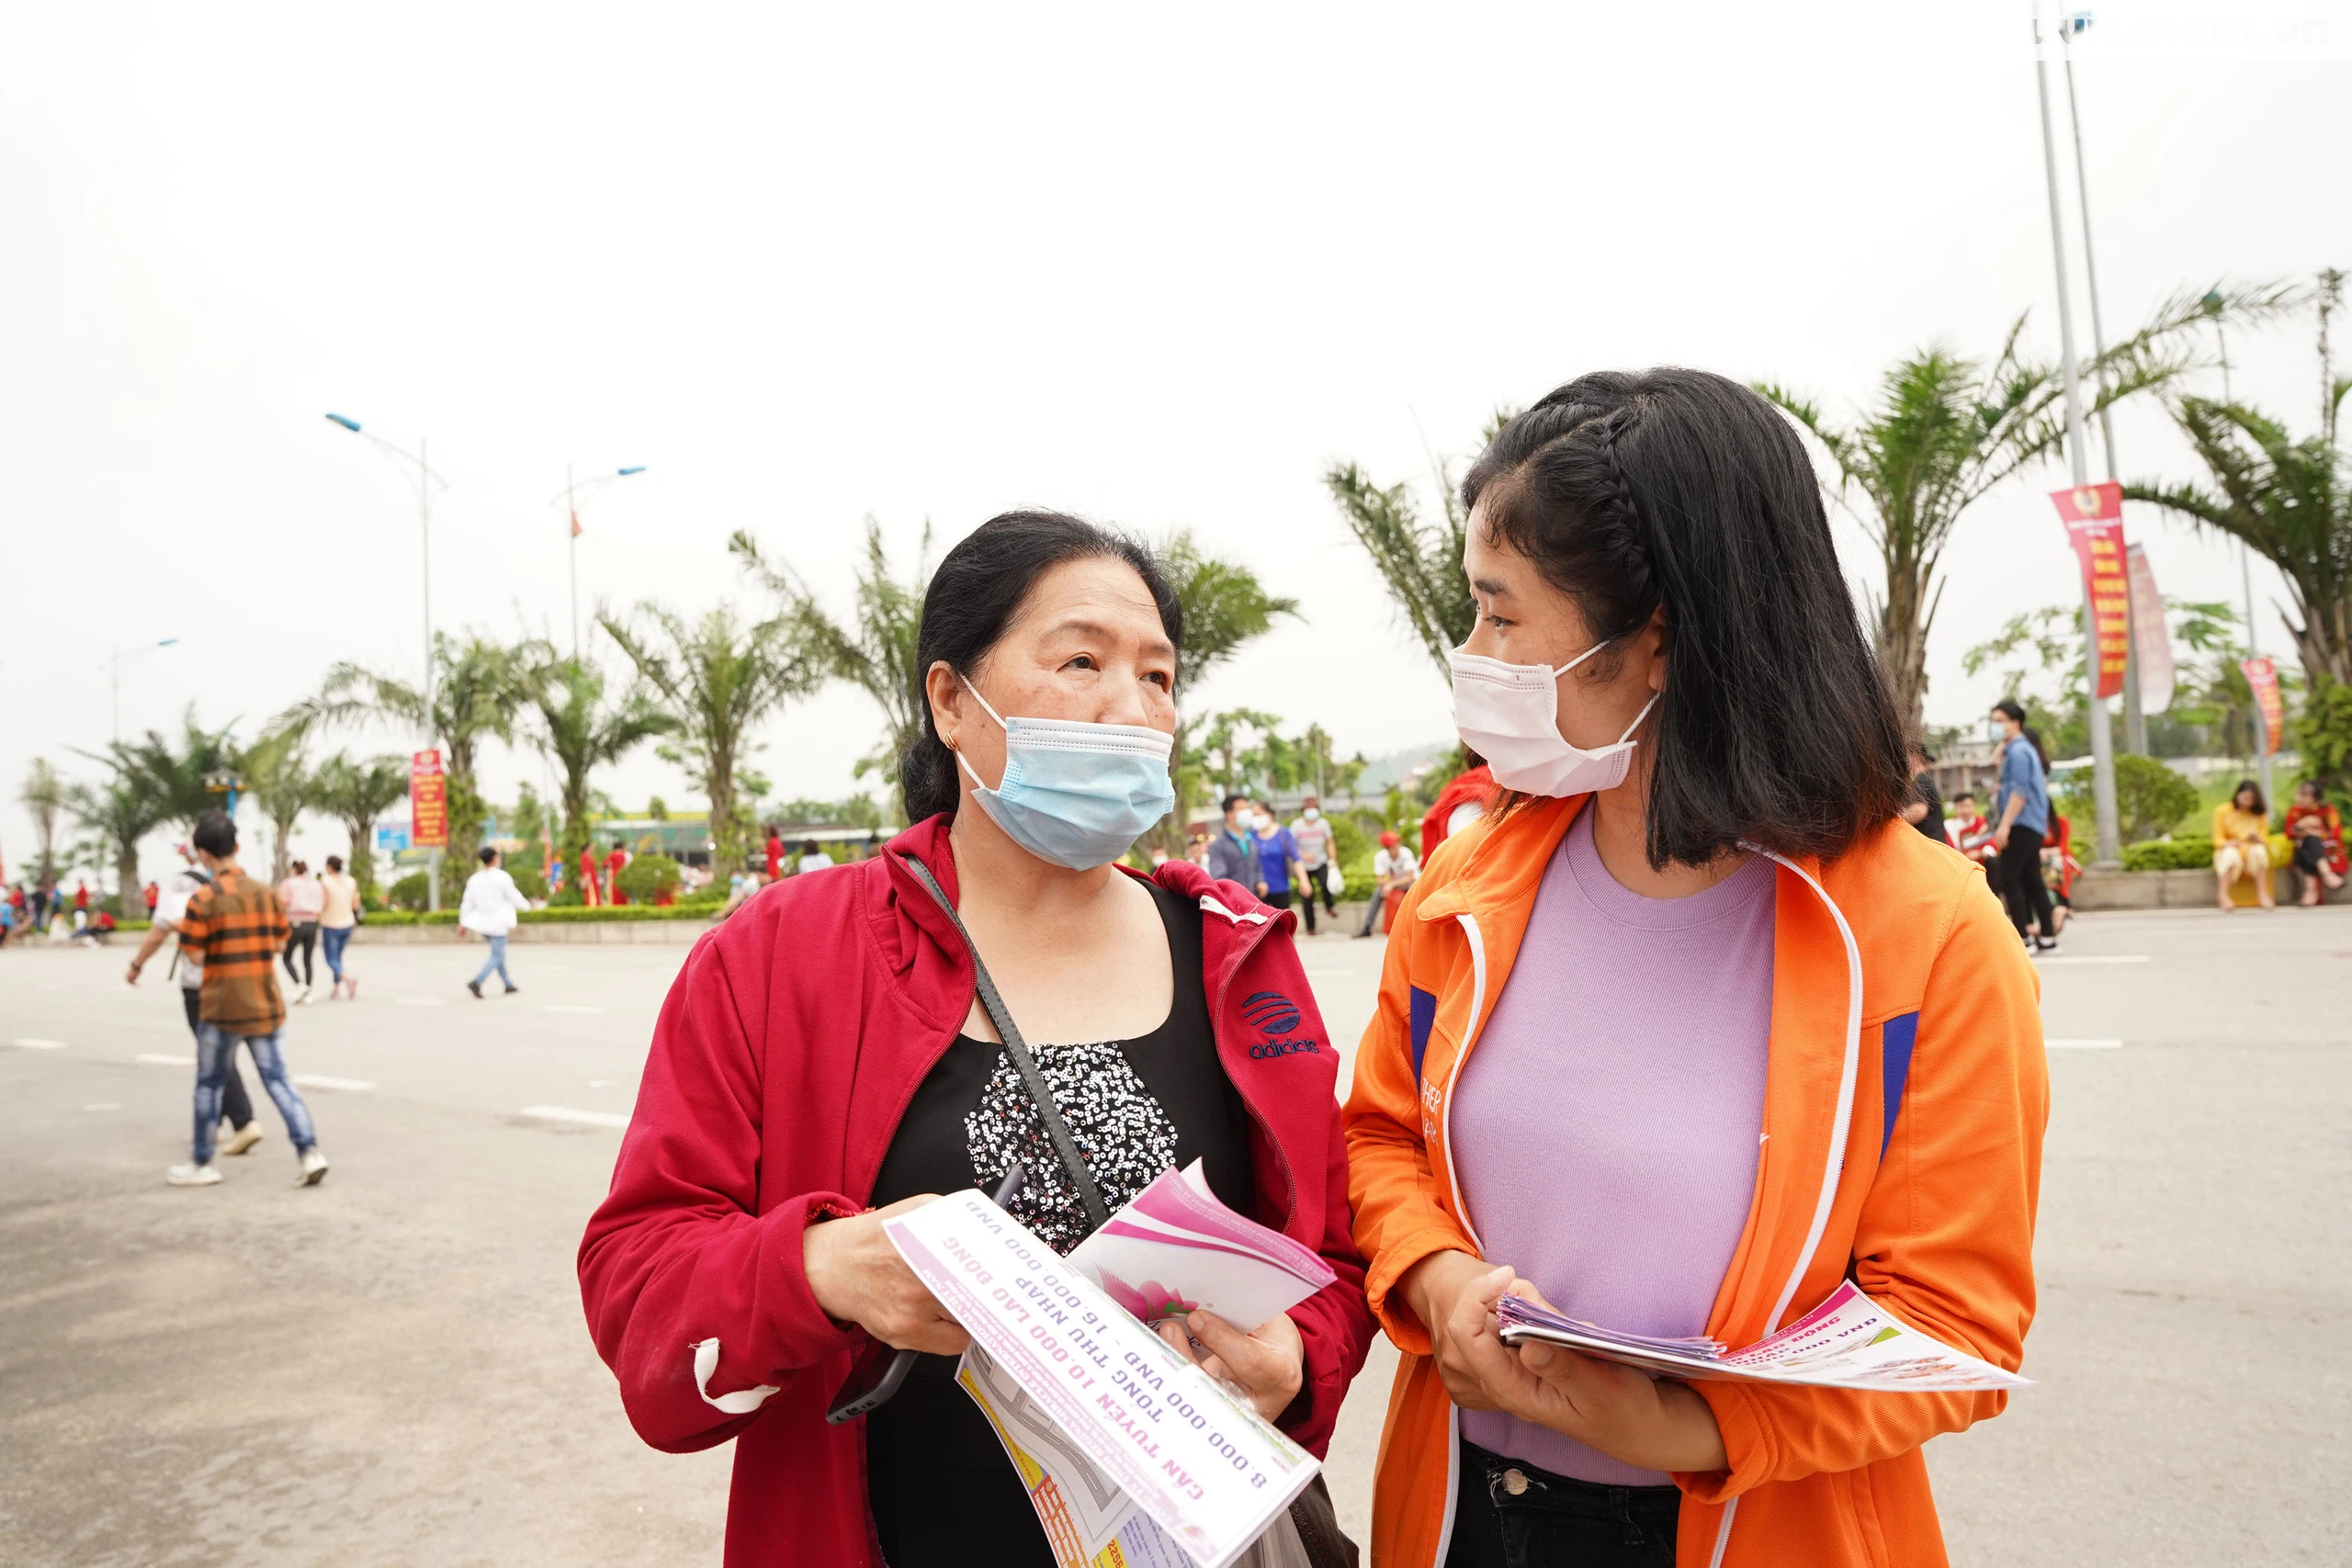 Hội LHPN TP Hải Phòng kết nối với các doanh nghiệp giới thiệu hơn 10.000 cơ hội việc làm cho phụ nữ - Ảnh 2.